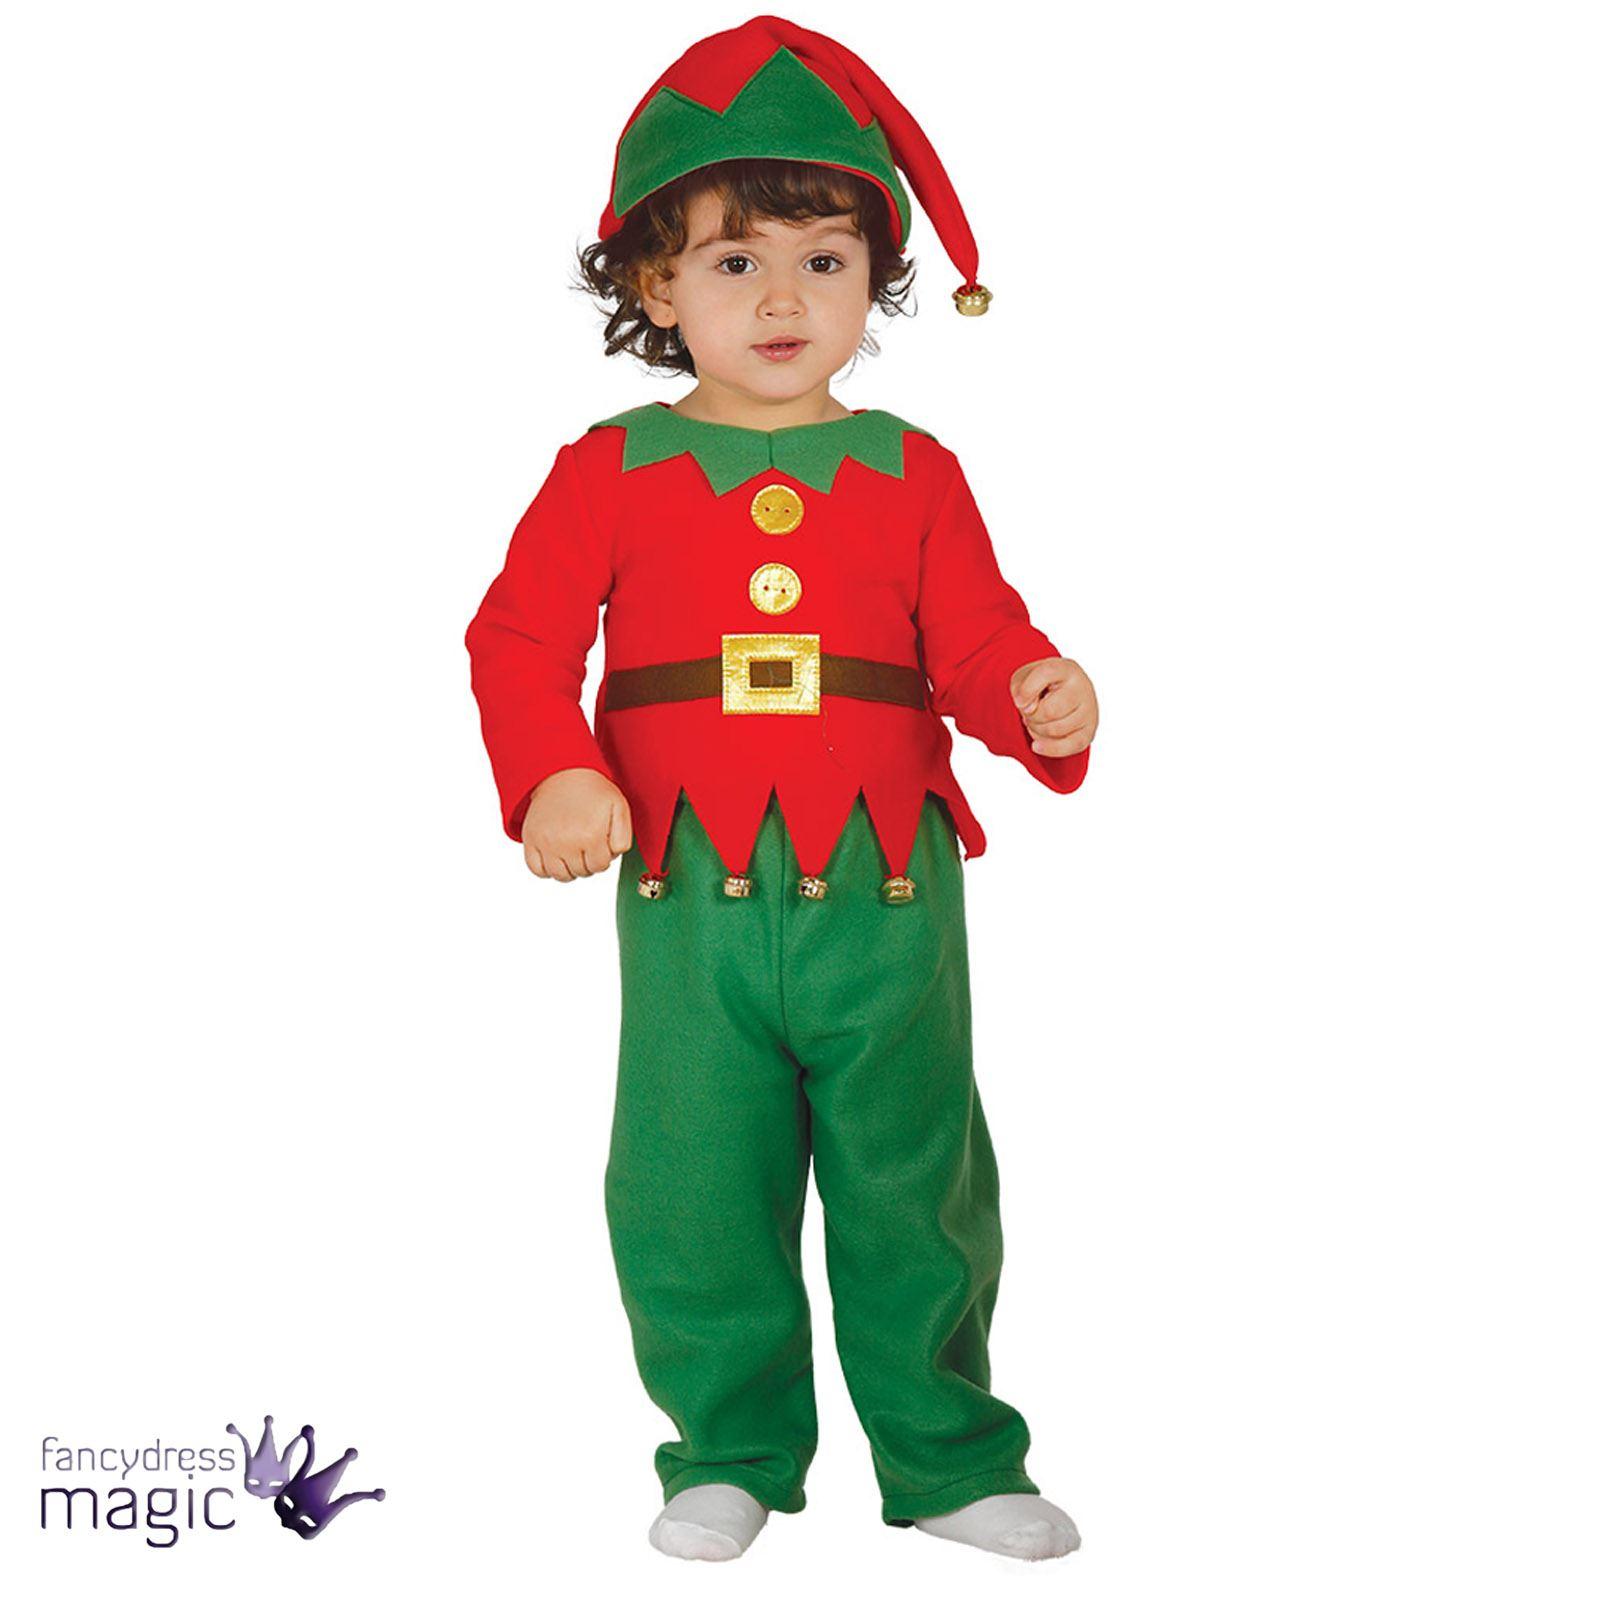 Beb ni o infantil navidad elfo ayudante de santa disfraz - Disfraz elfo nino ...